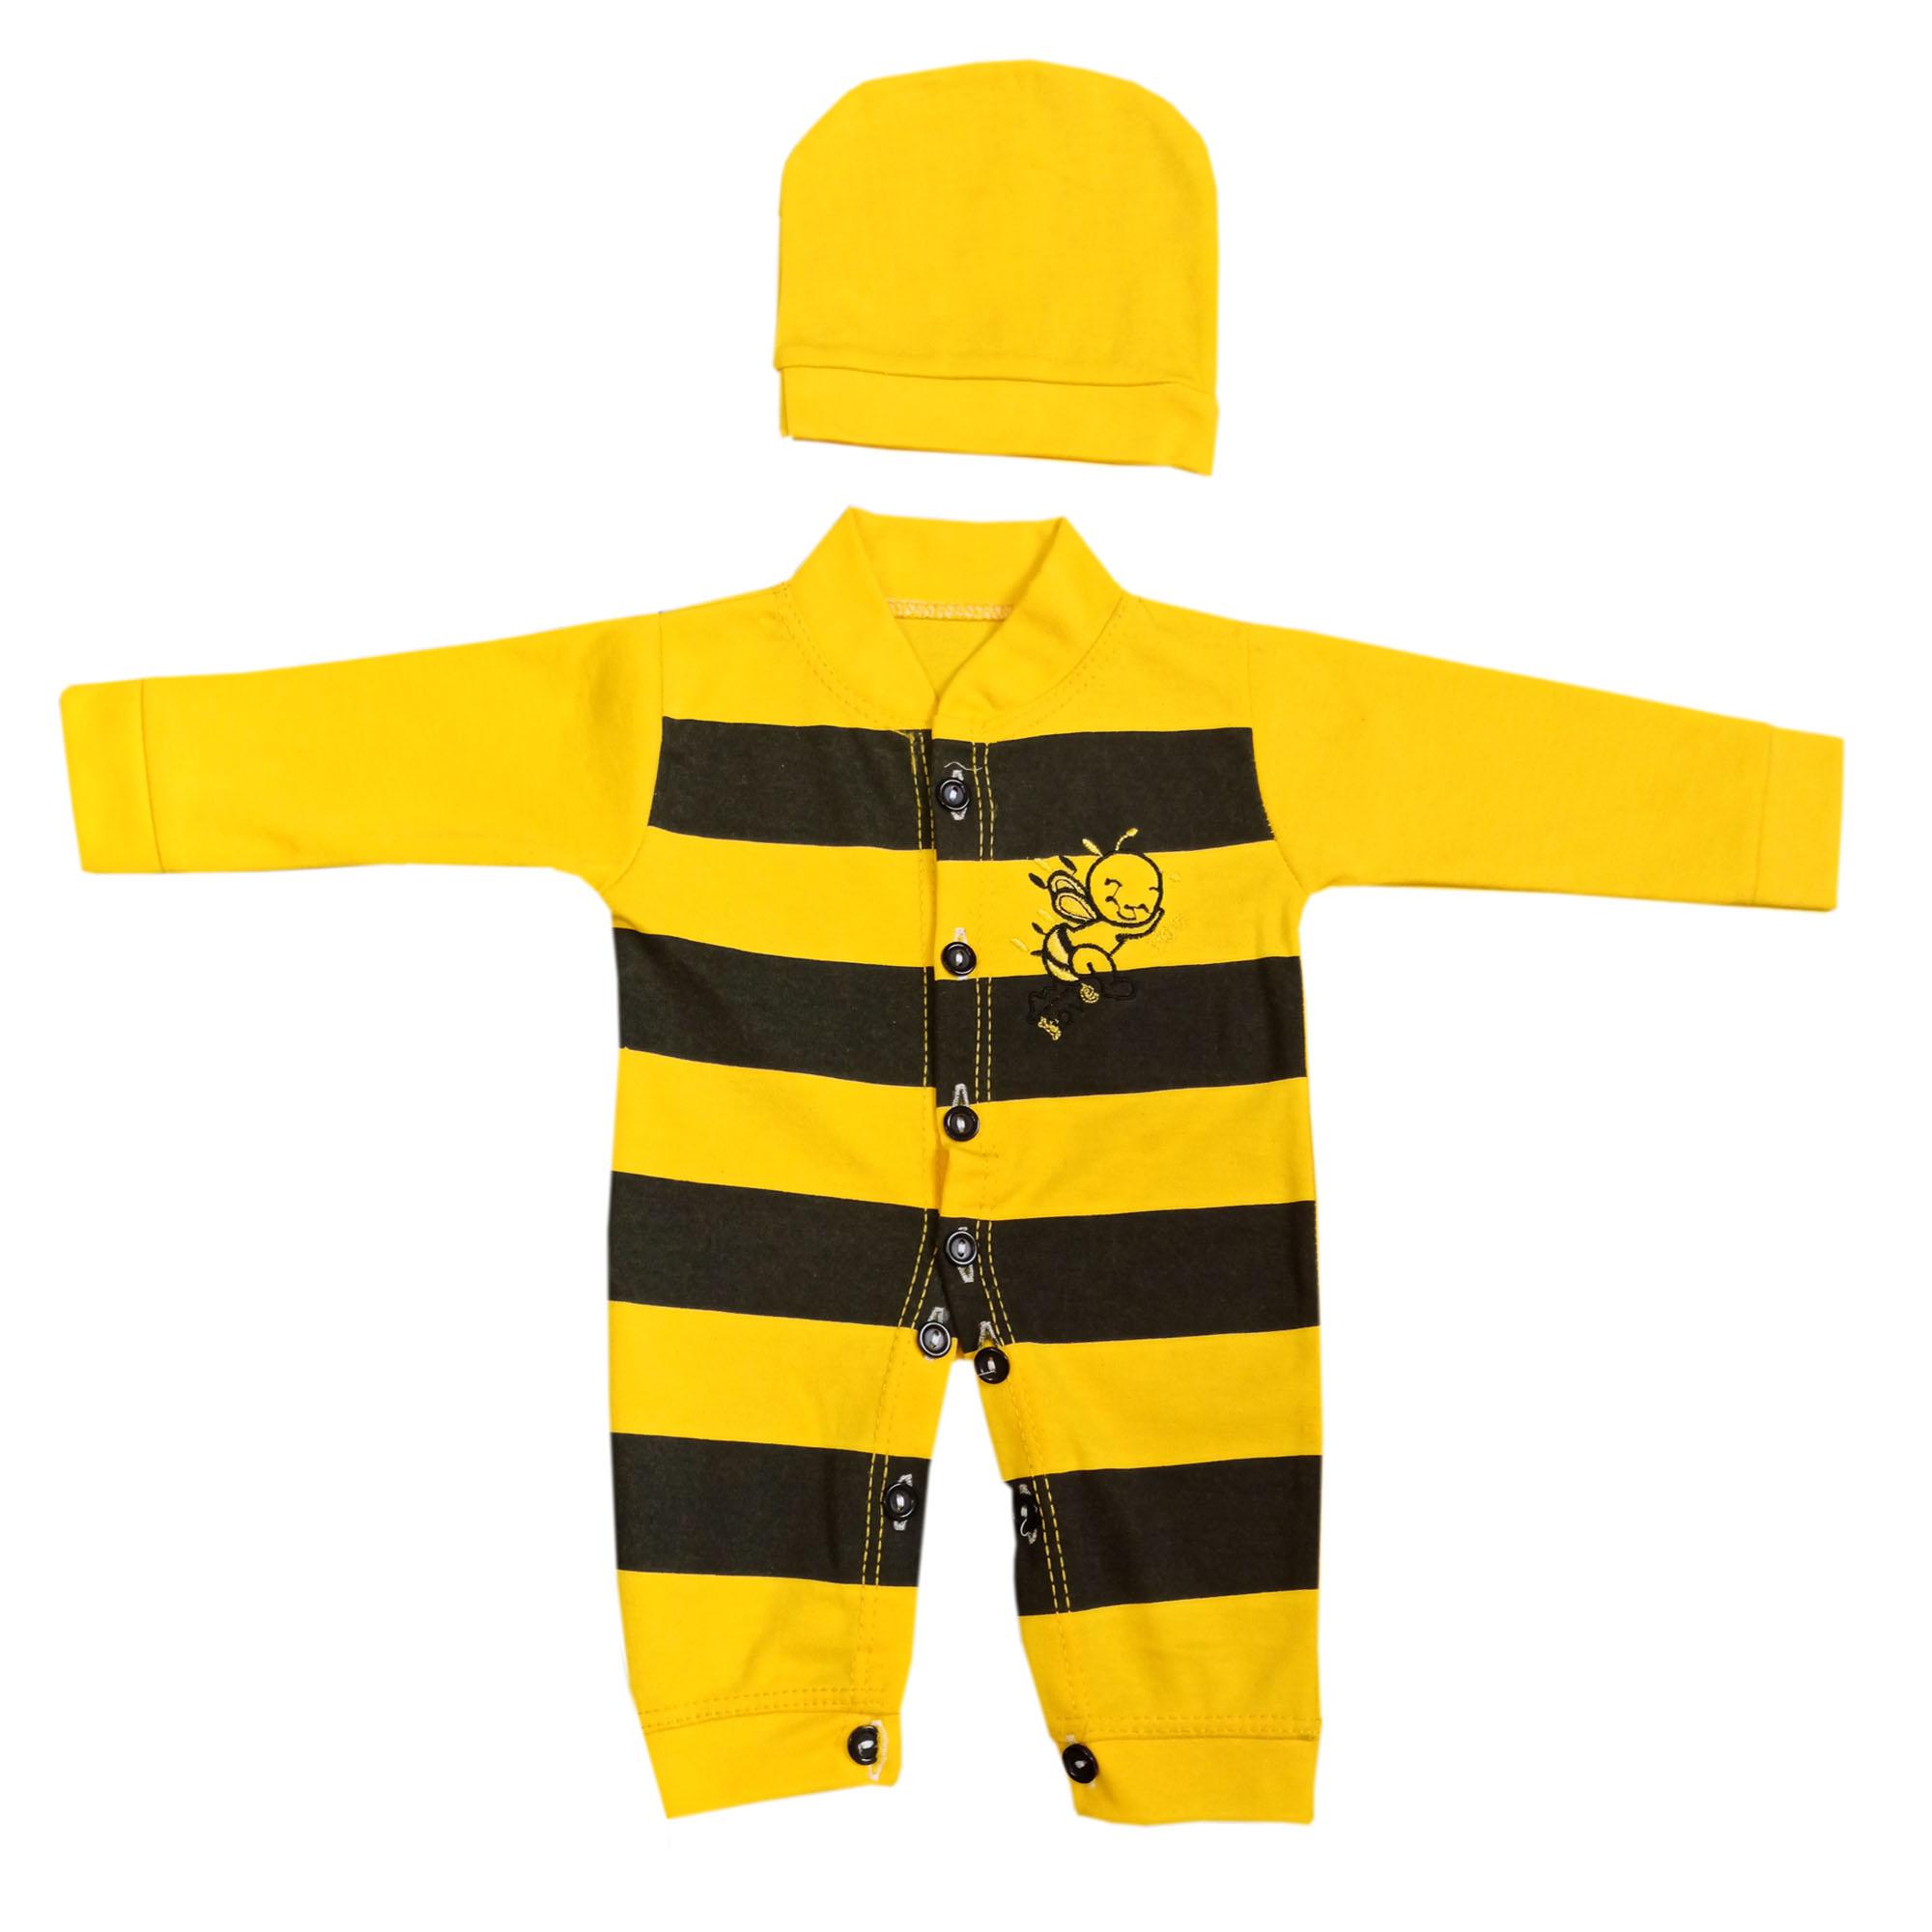 ست سرهمی و کلاه نوزادی طرح زنبور کد msa-12